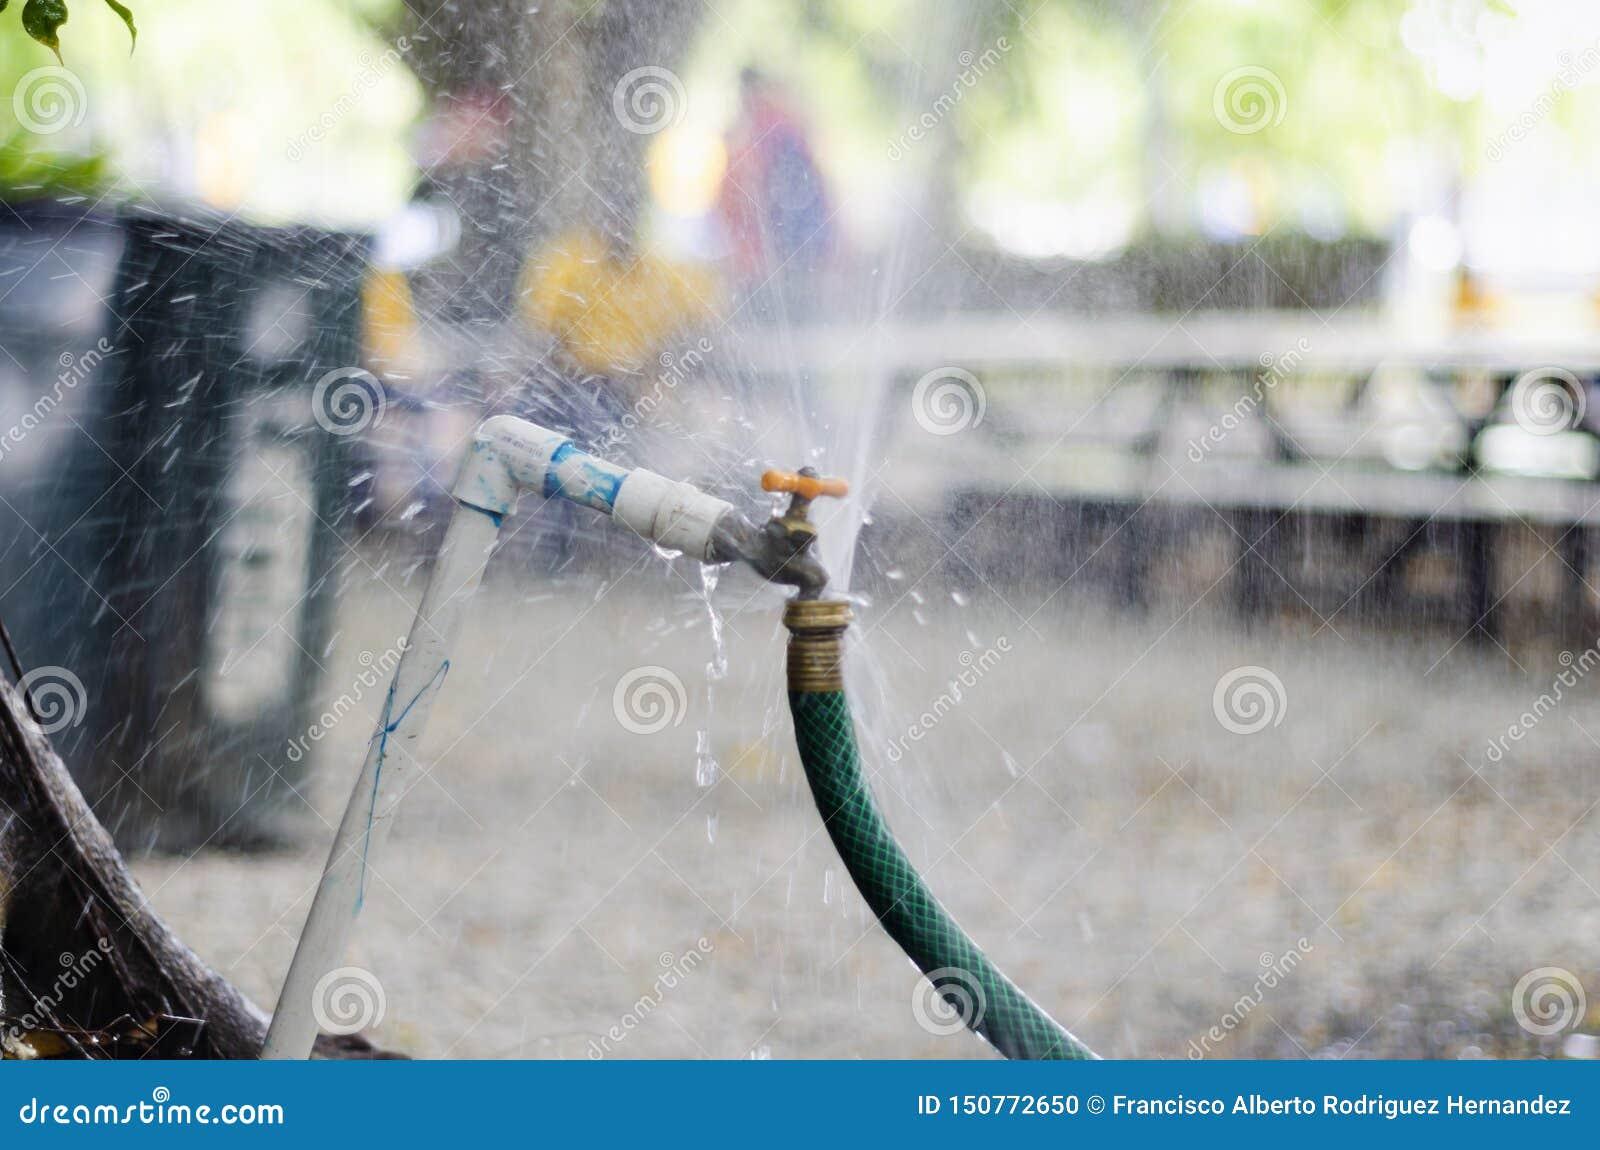 Acque di rifiuto del rubinetto del giardino raffreddando le acque di rifiuto del rubinetto del giardino raffreddando l iarda rela